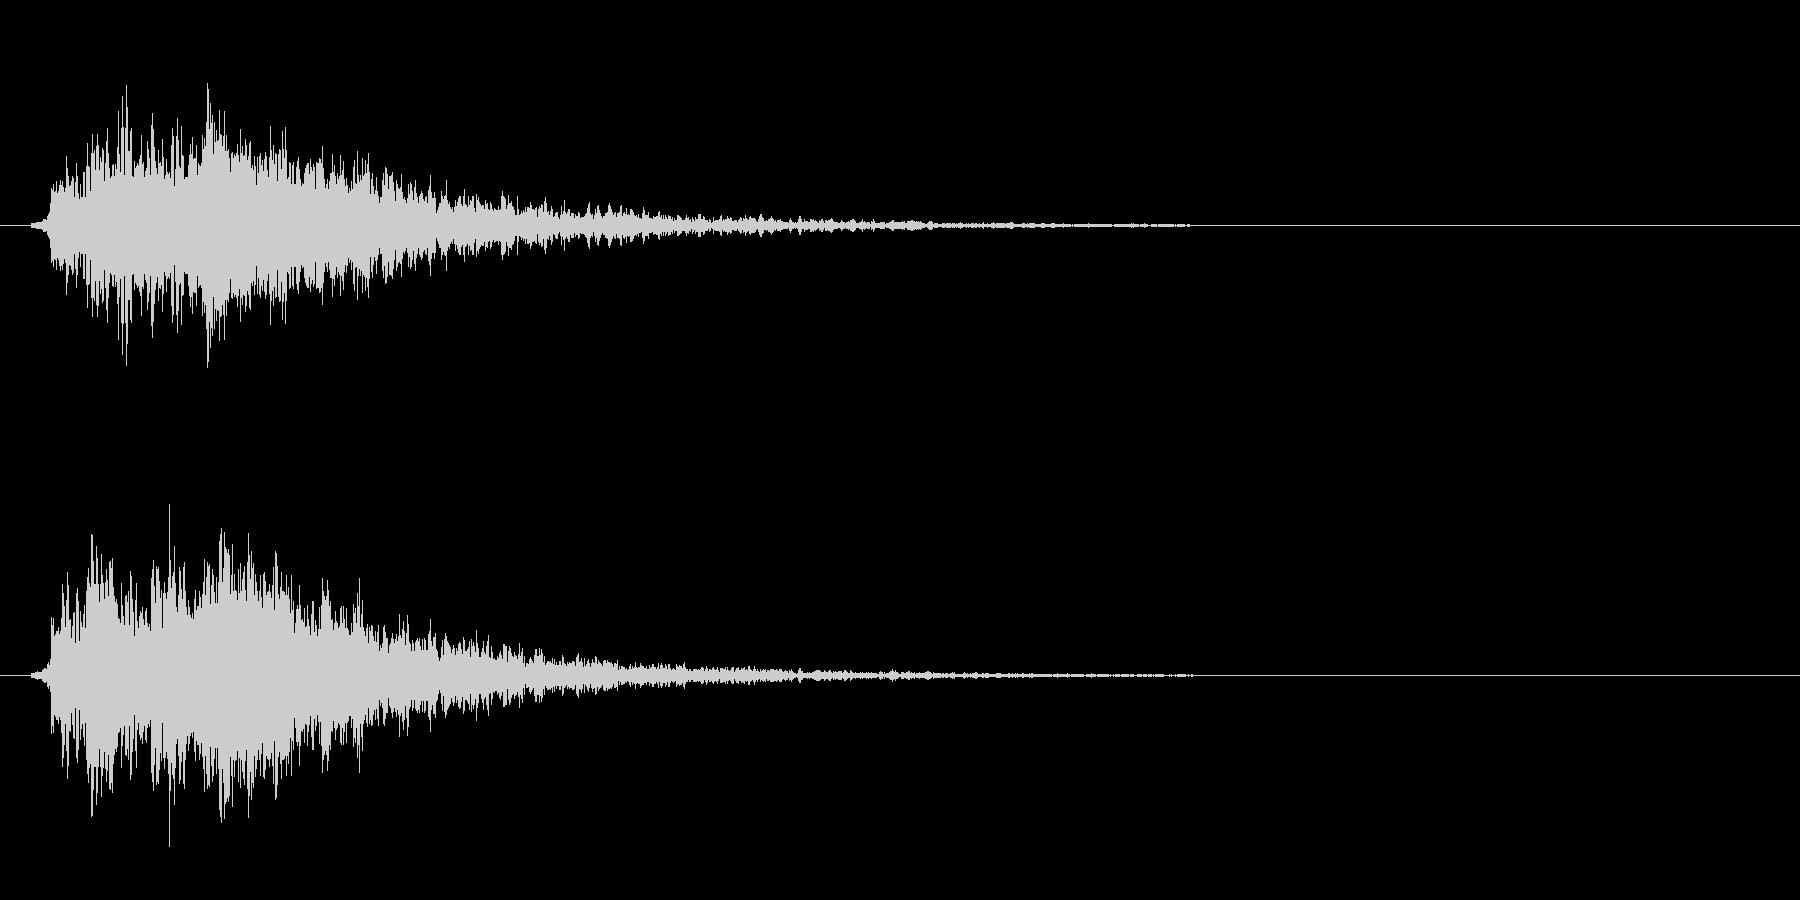 鎖などの金属的な打撃音の未再生の波形